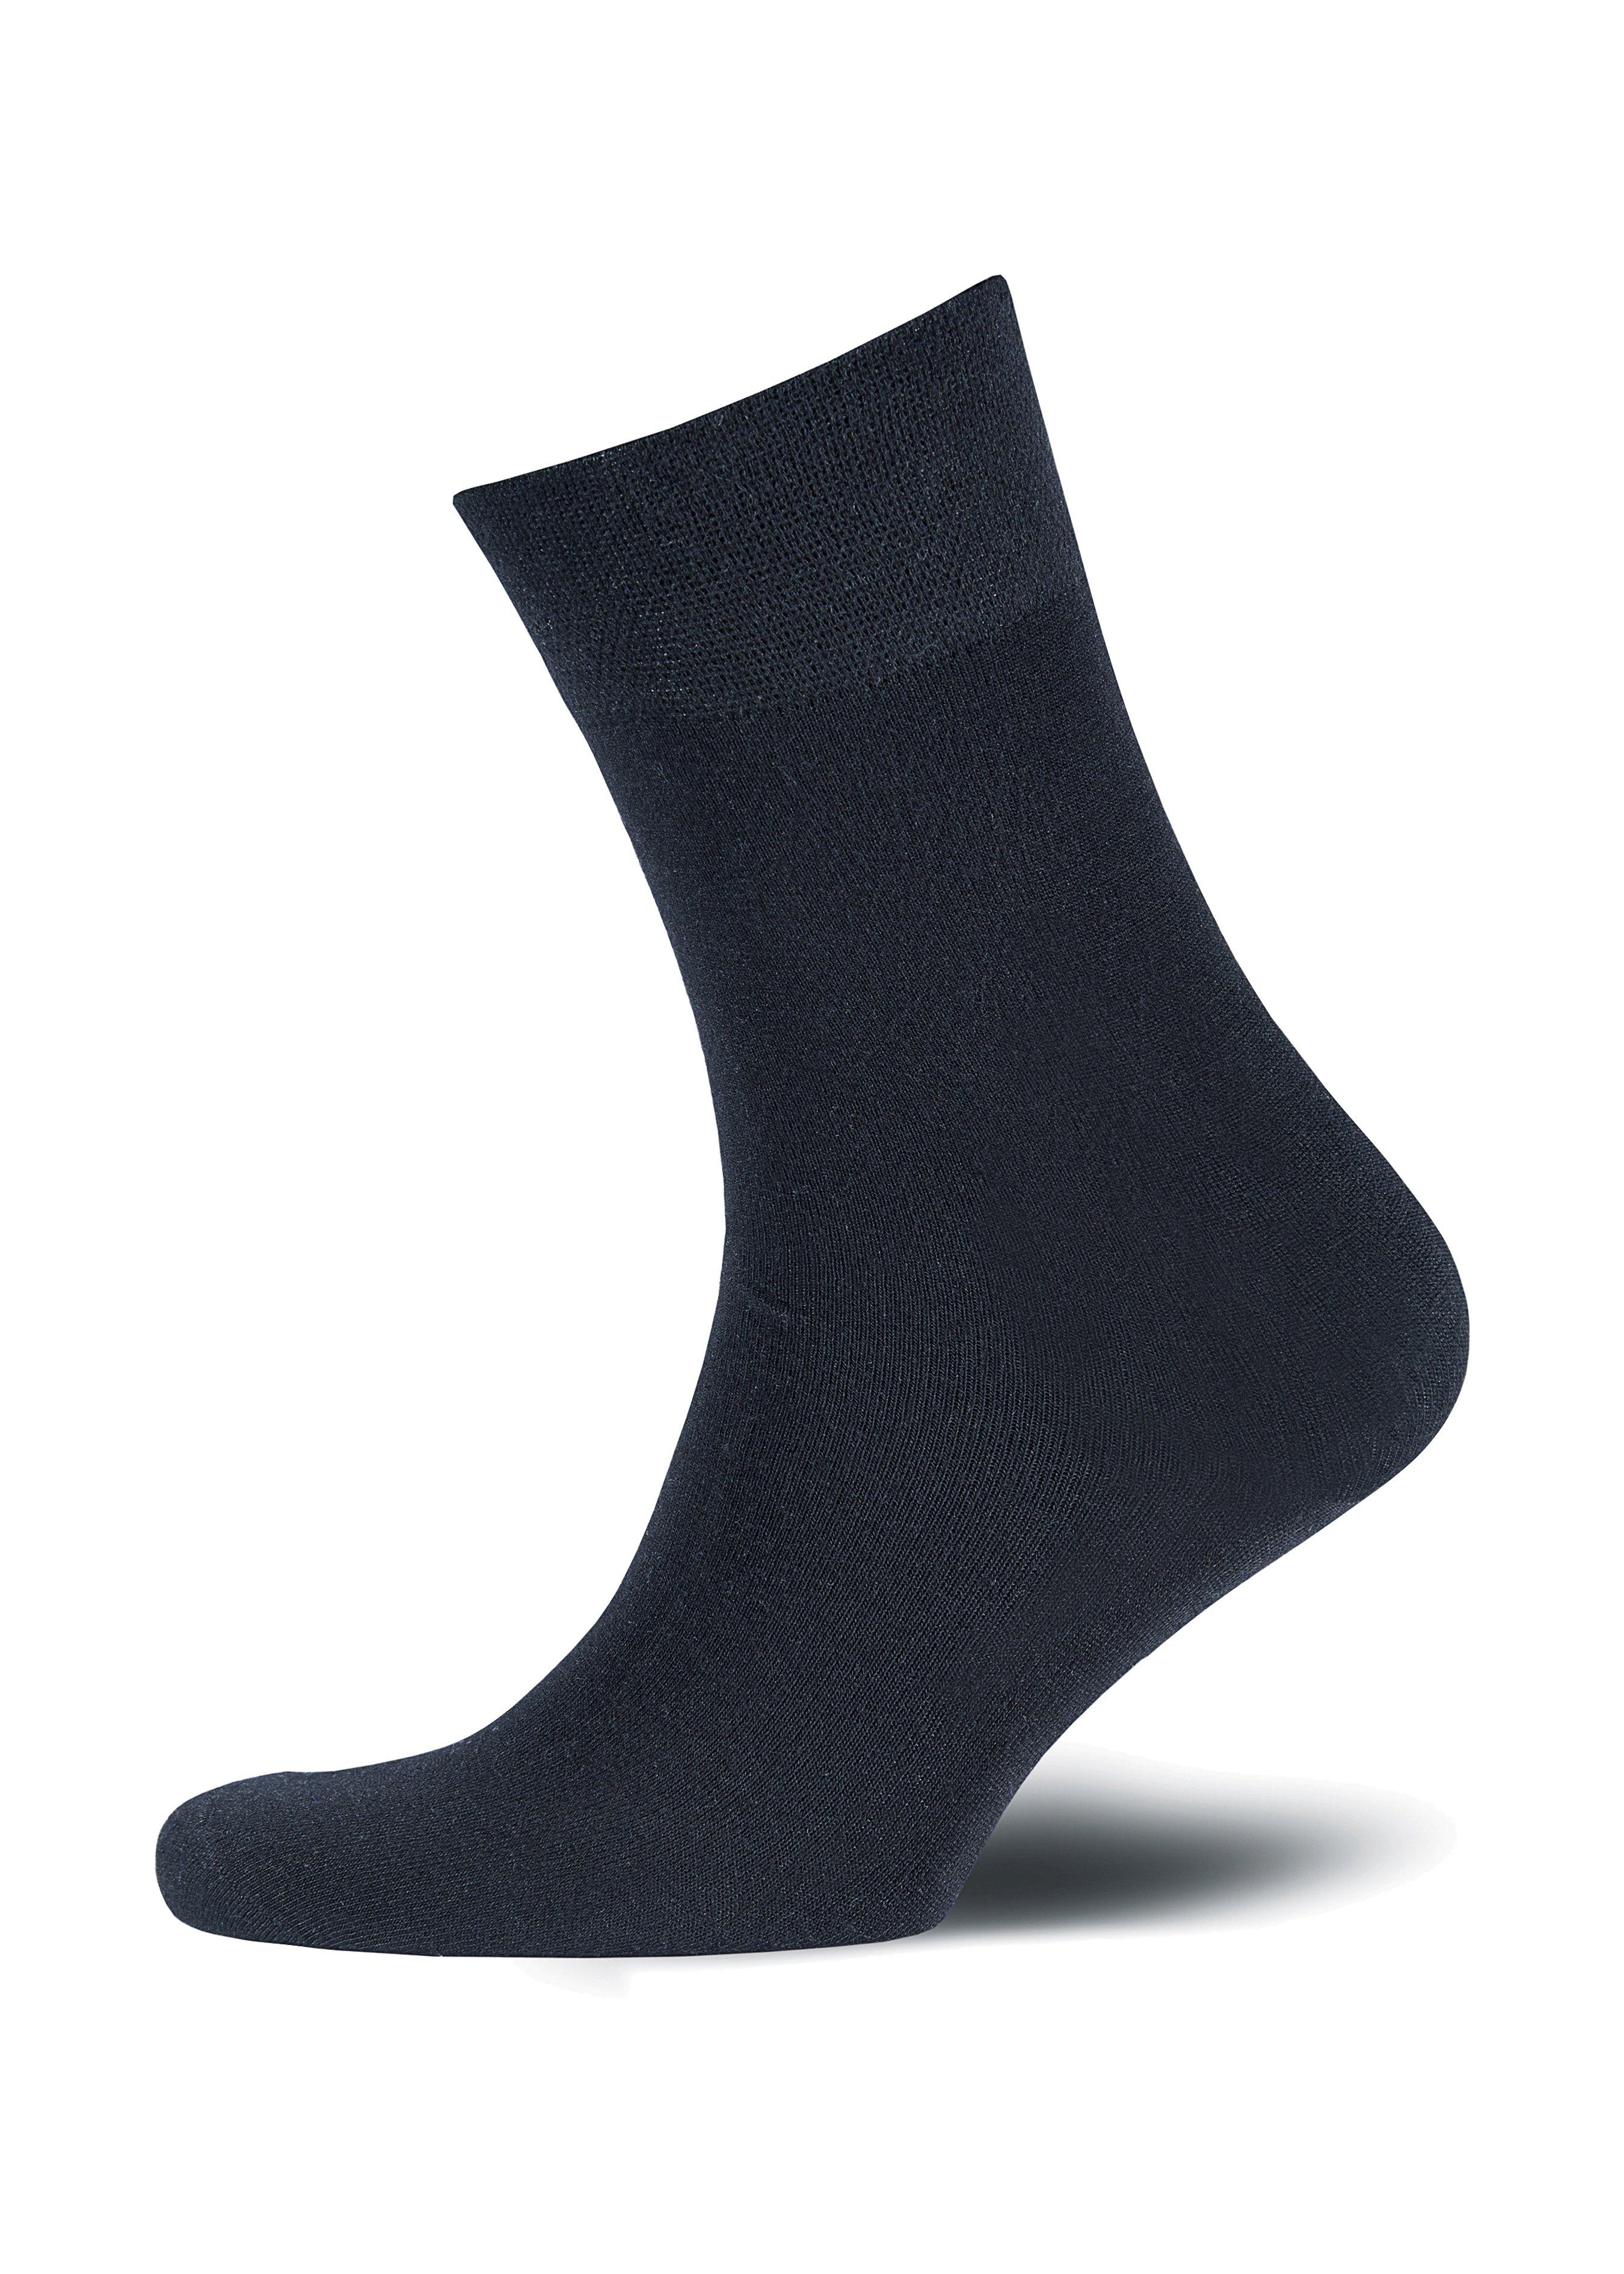 Bambus-Socke 3er-Pack 24841039 1